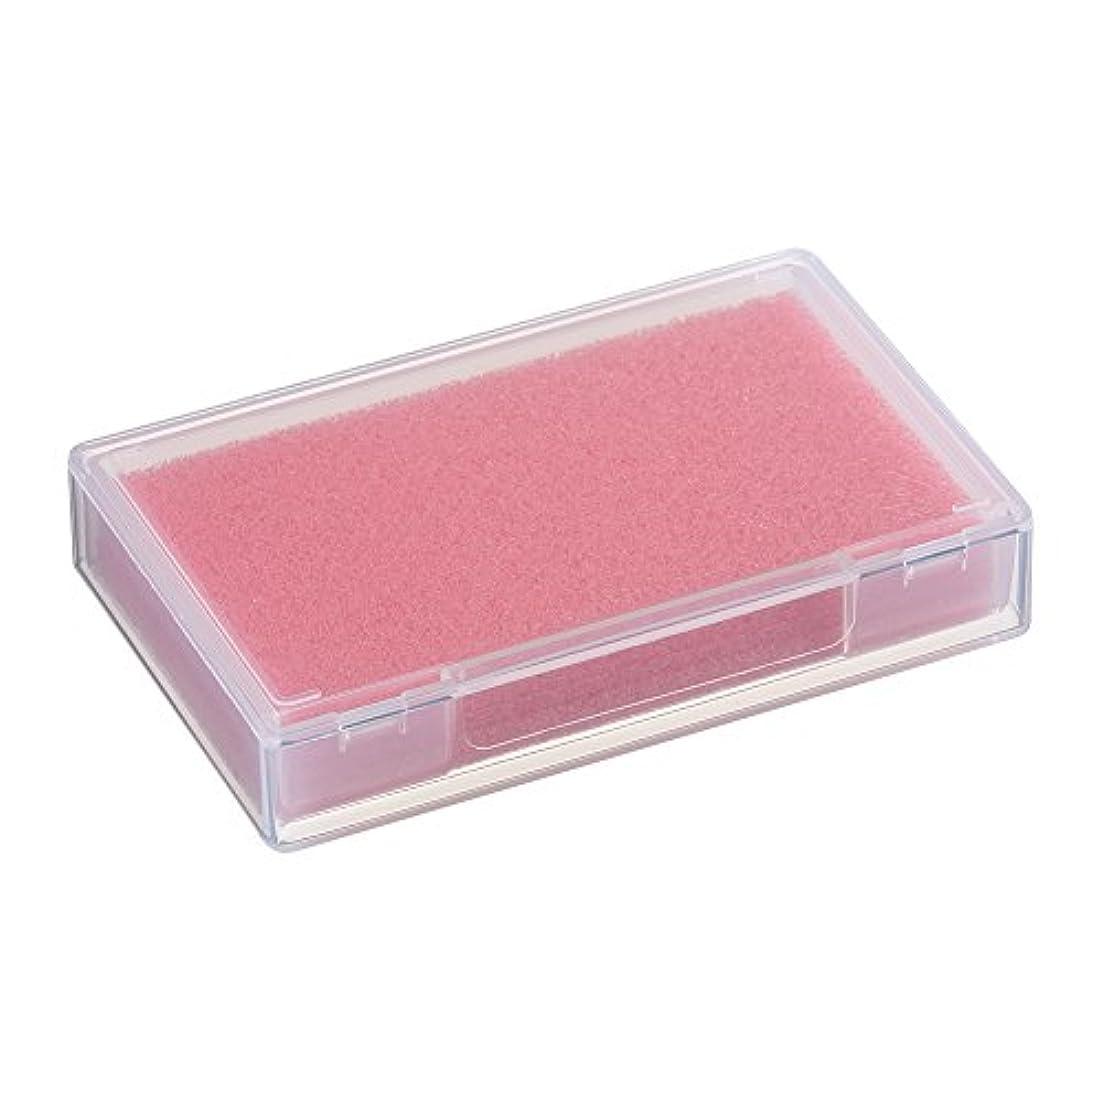 素晴らしき進捗値下げネイルチップケース ピンク